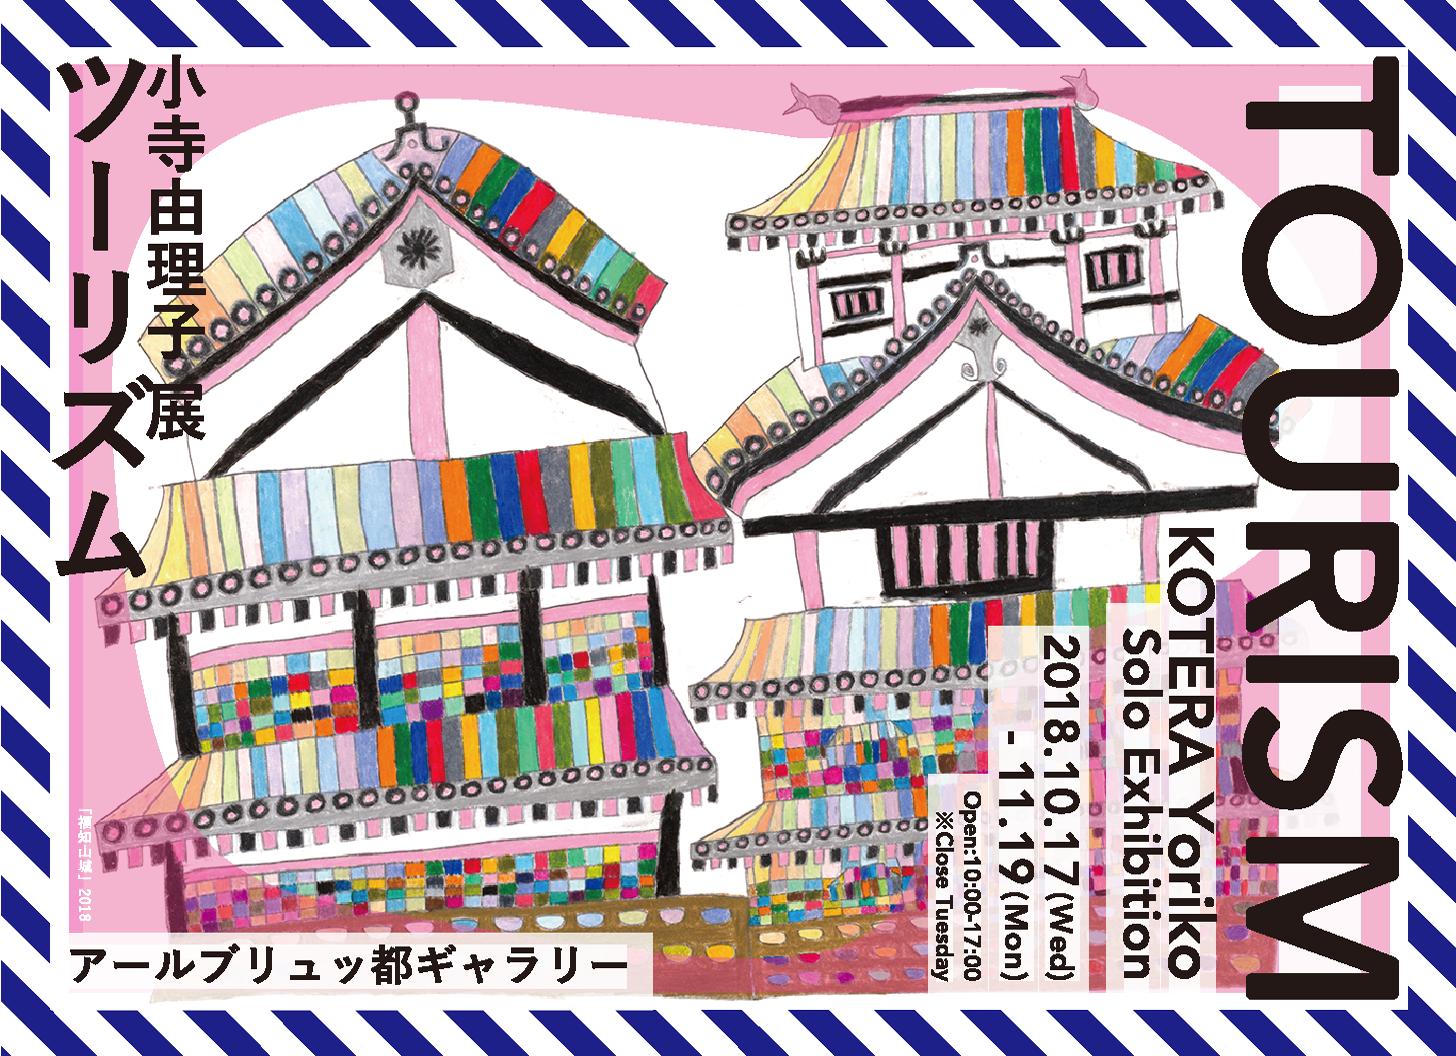 TOURISM / ツーリズム 小寺由理子 展